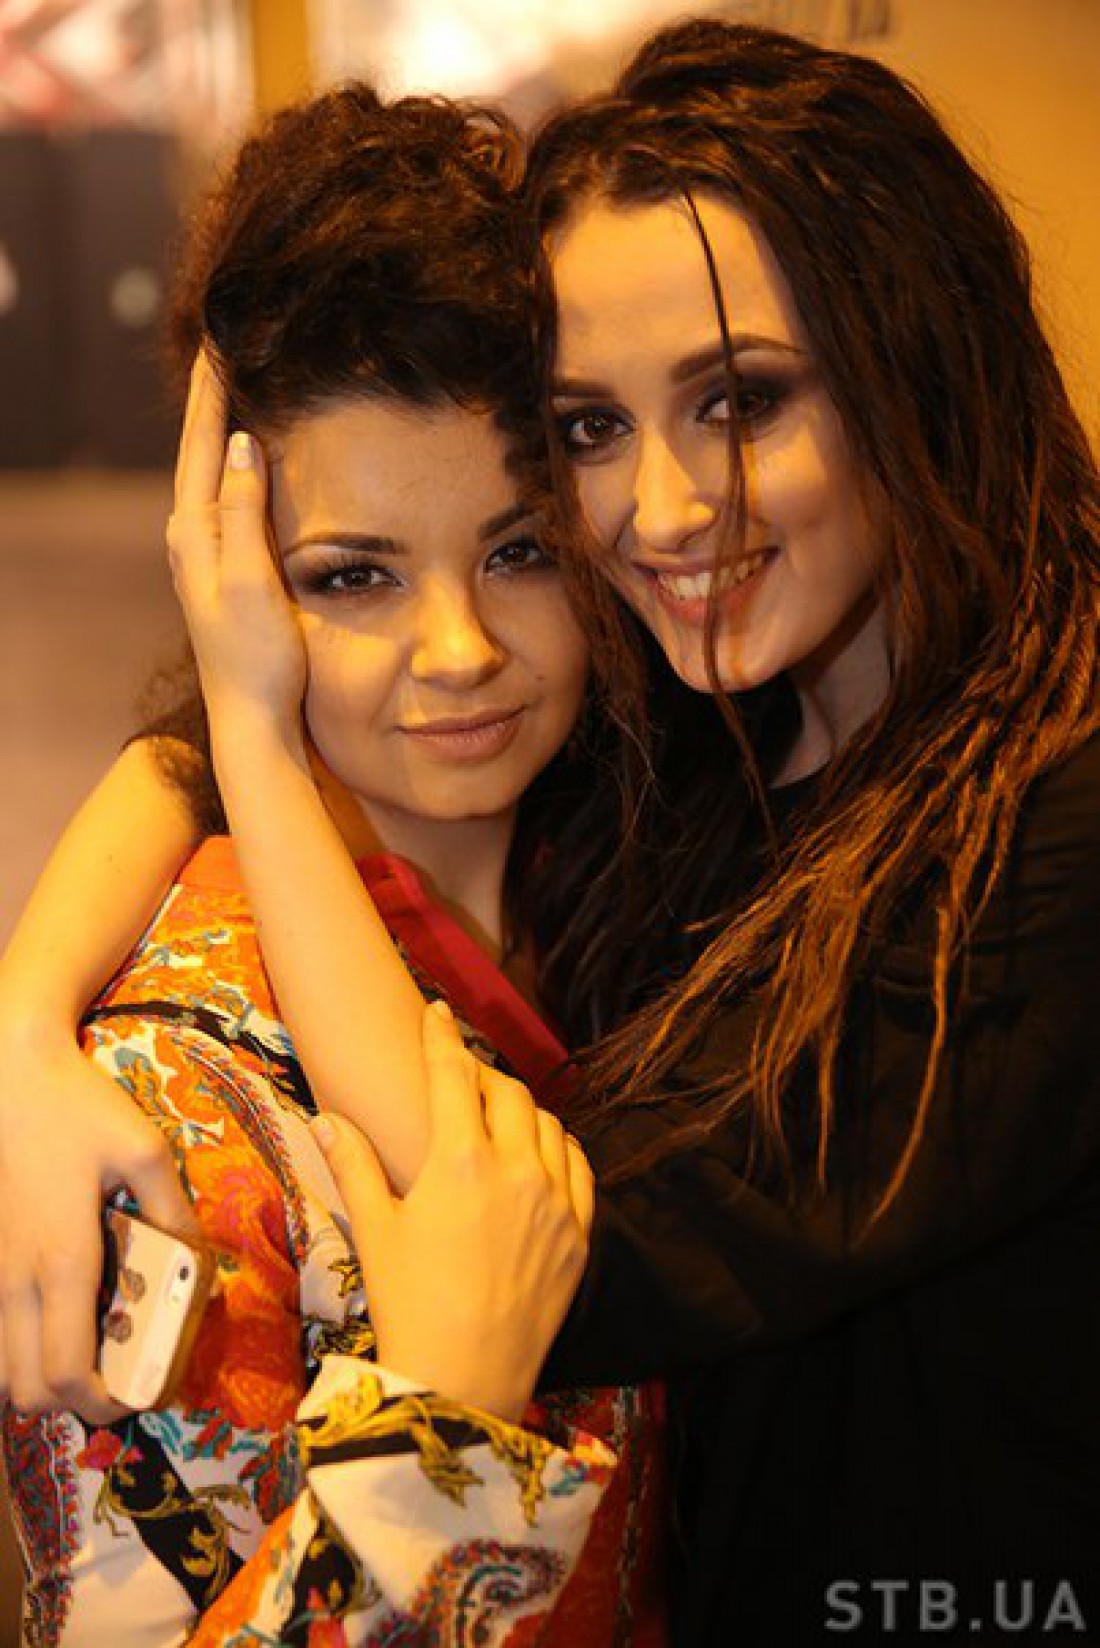 Наталья Папазоглу и Алина Паш